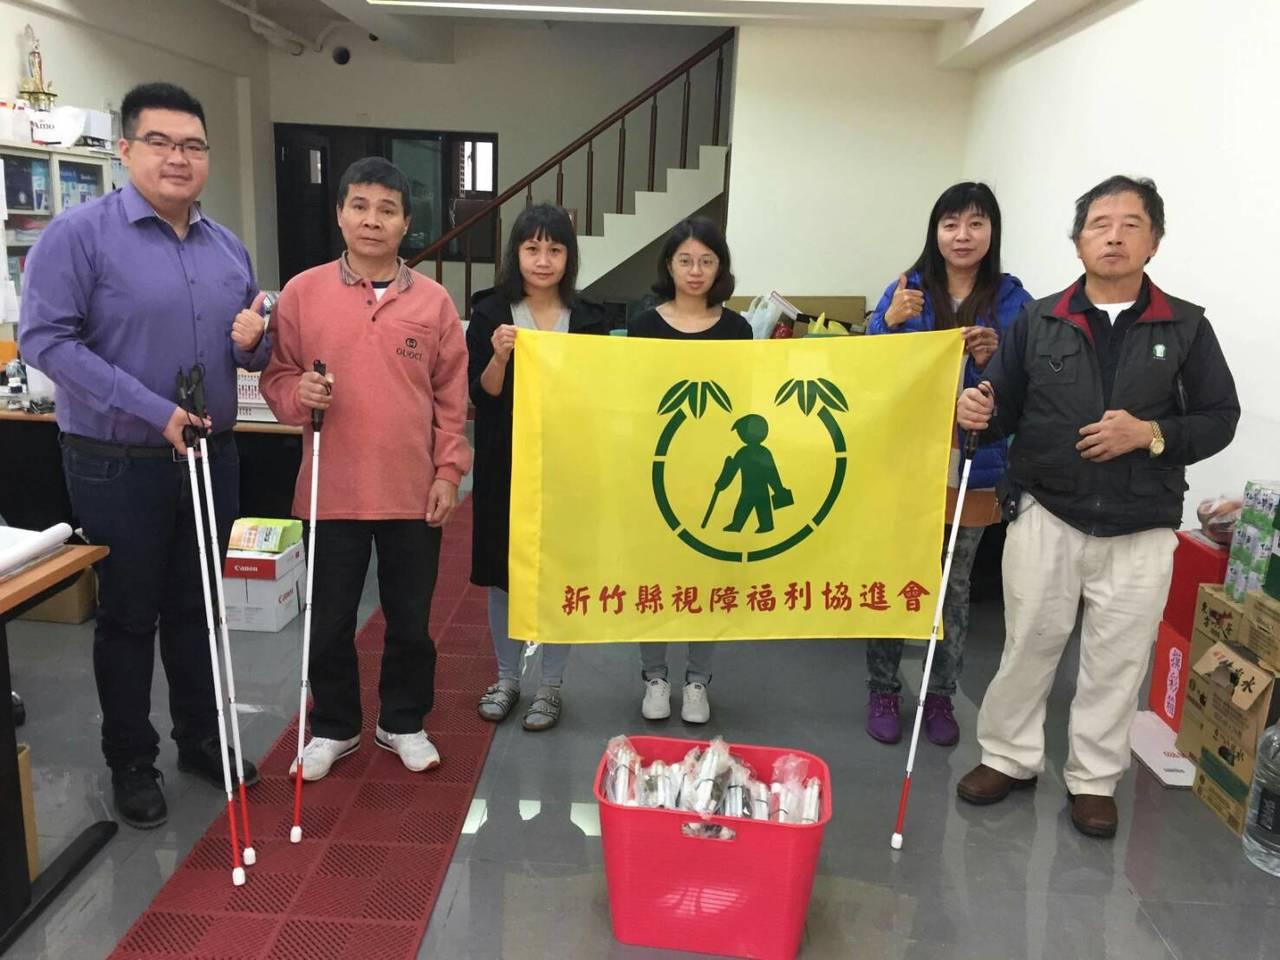 新竹青年劉志枰(左一)領到年終獎金和投稿等費用,全數購買200支光盲白手杖,捐給...